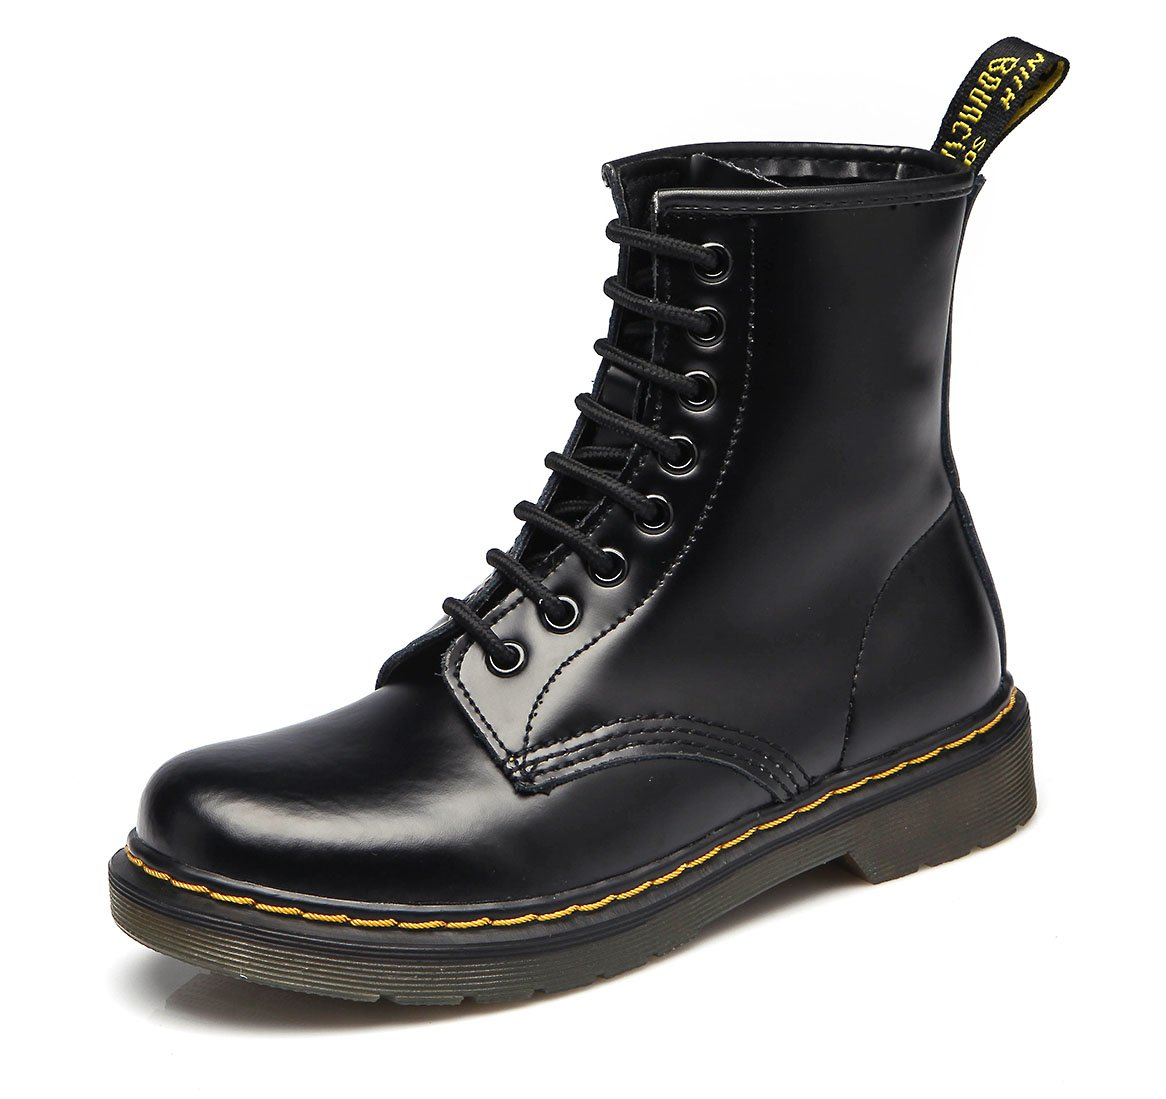 uBeauty - Bottes Femme - B016MZX7WY - Martin Bottes Classiques - Boots Flattie Sport - Chaussures Classiques - Bottines À Lacets Noir A 70a9cfd - reprogrammed.space